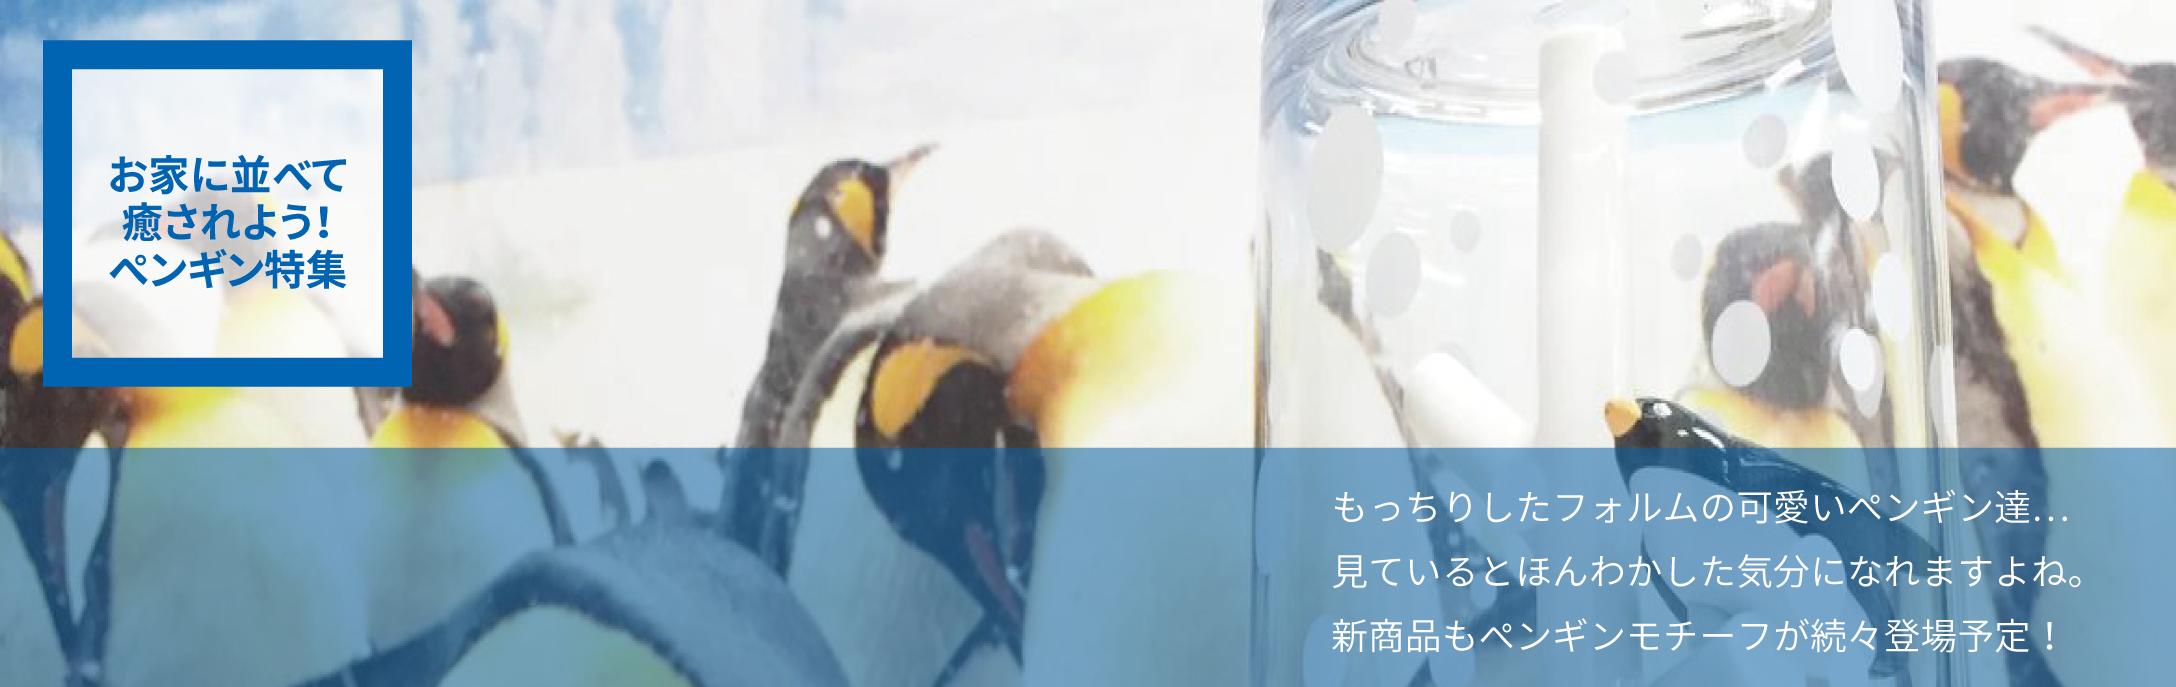 おうちに並べて癒されよう!!ペンギン特集